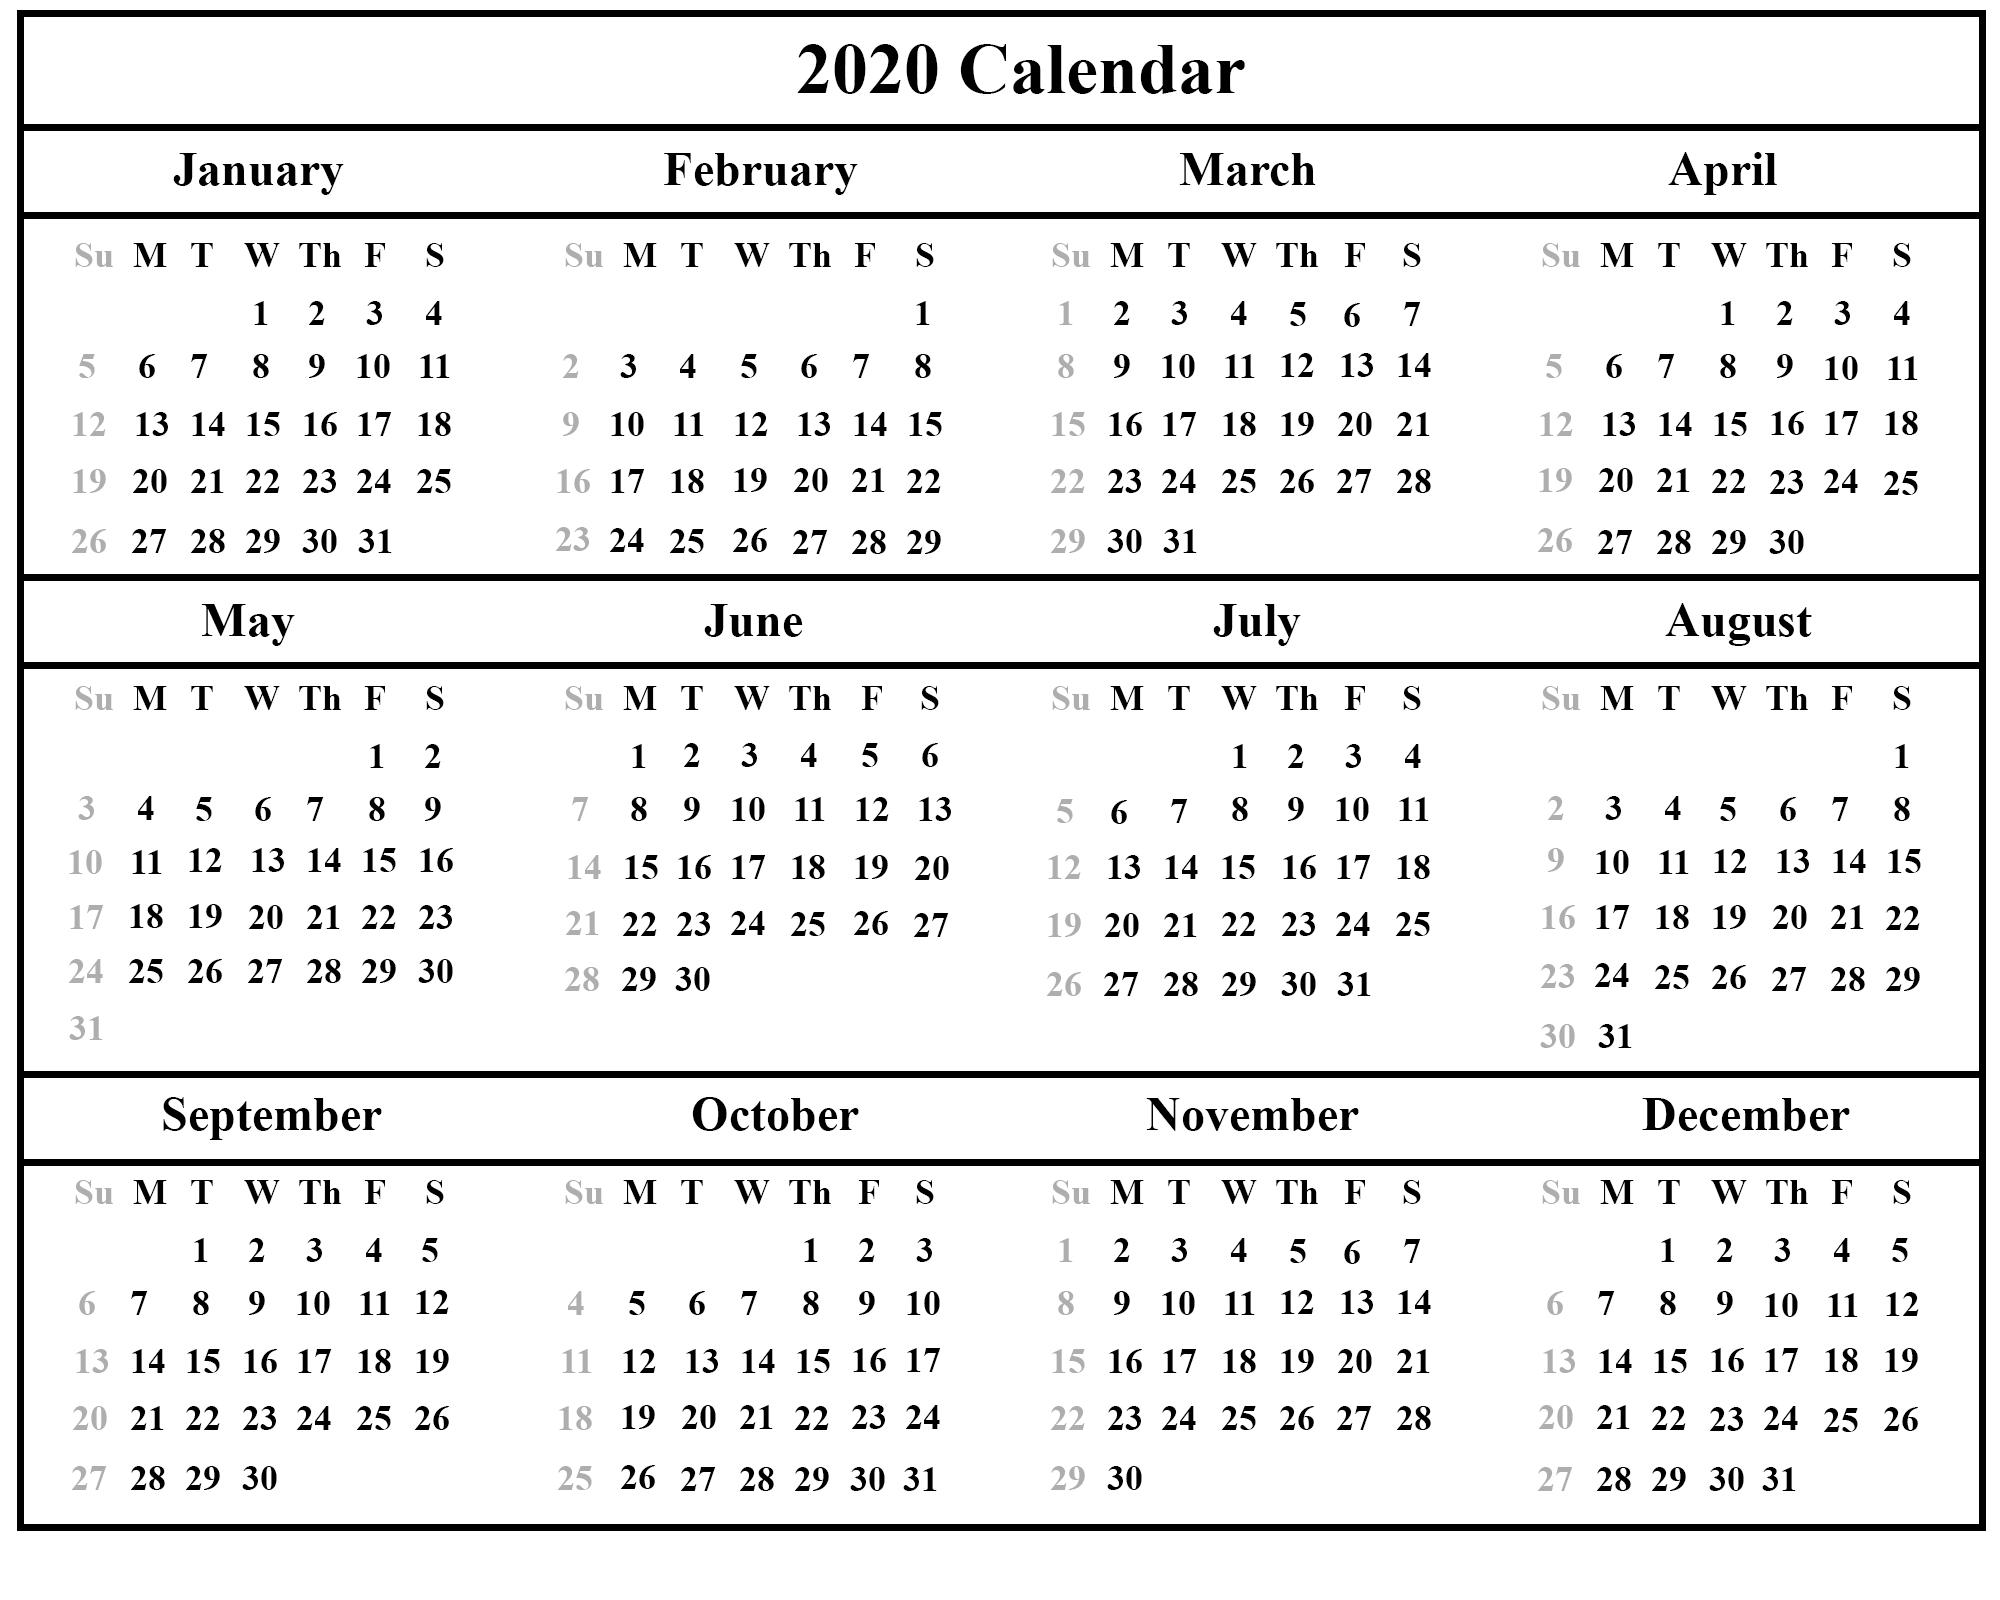 Printable Free Download Singapore Calendar 2020 [Pdf, Excel-January 2020 Calendar Singapore